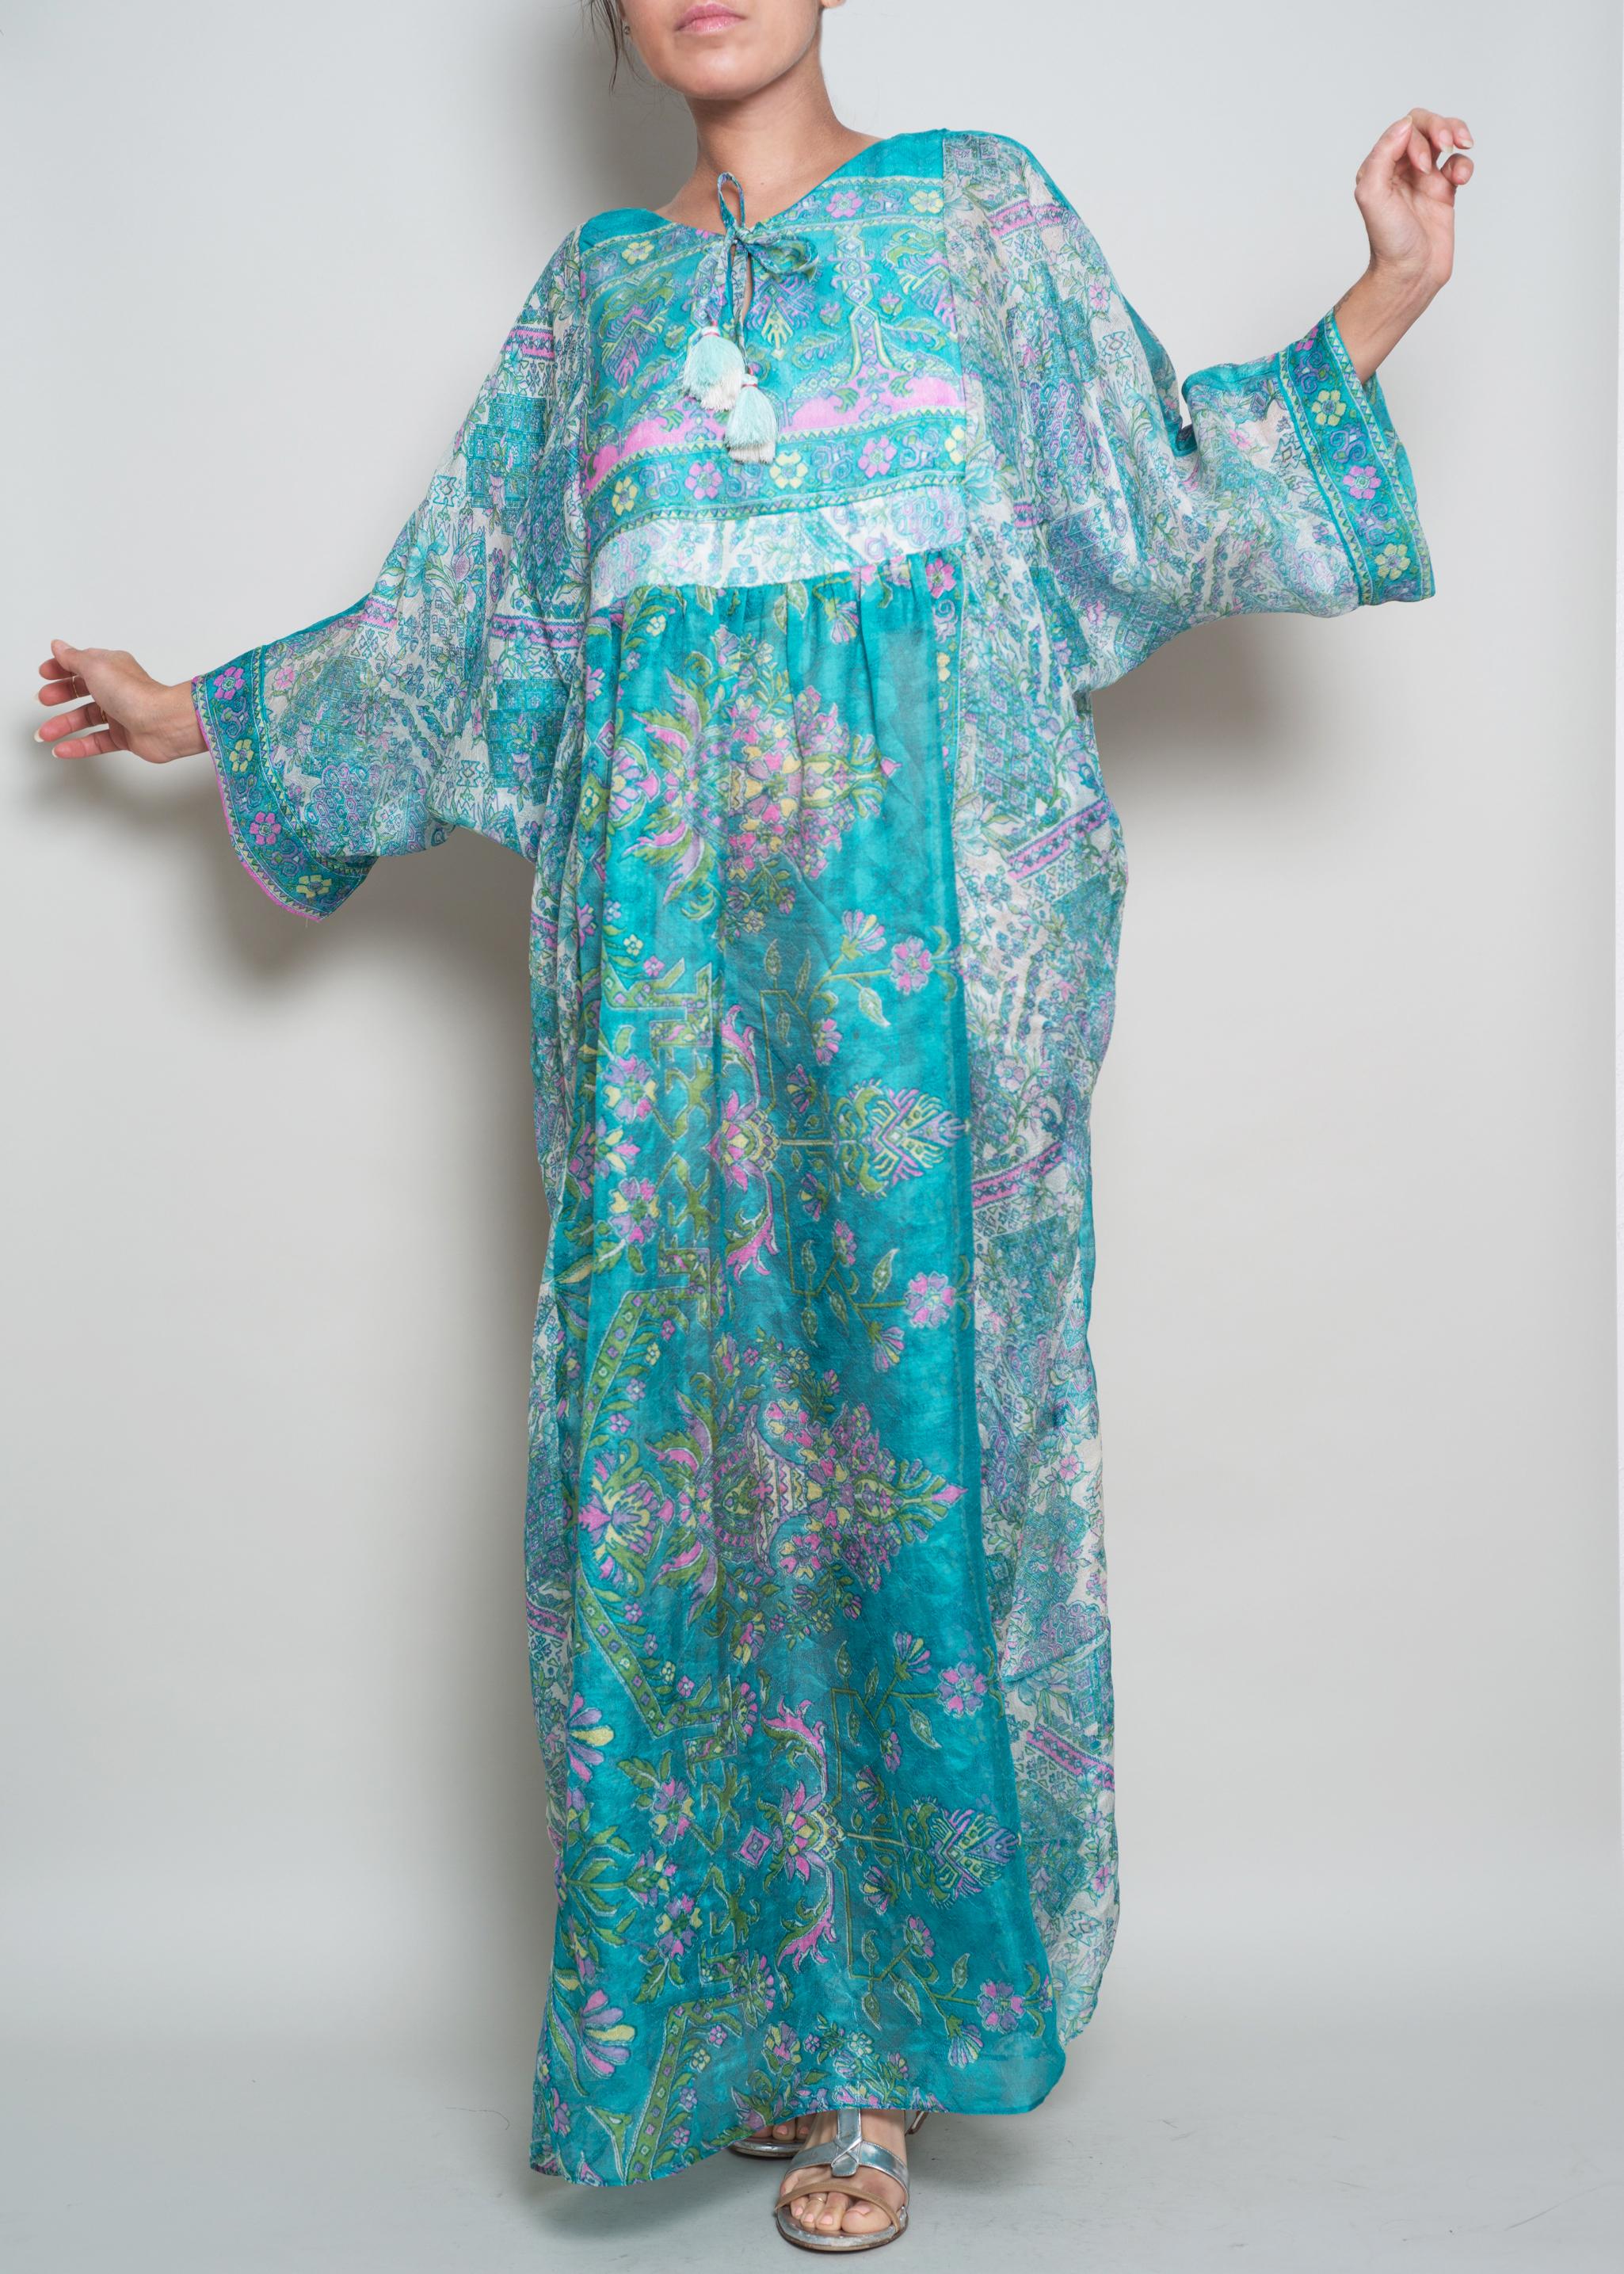 EVA Sheer Sari Caftan Dress $345